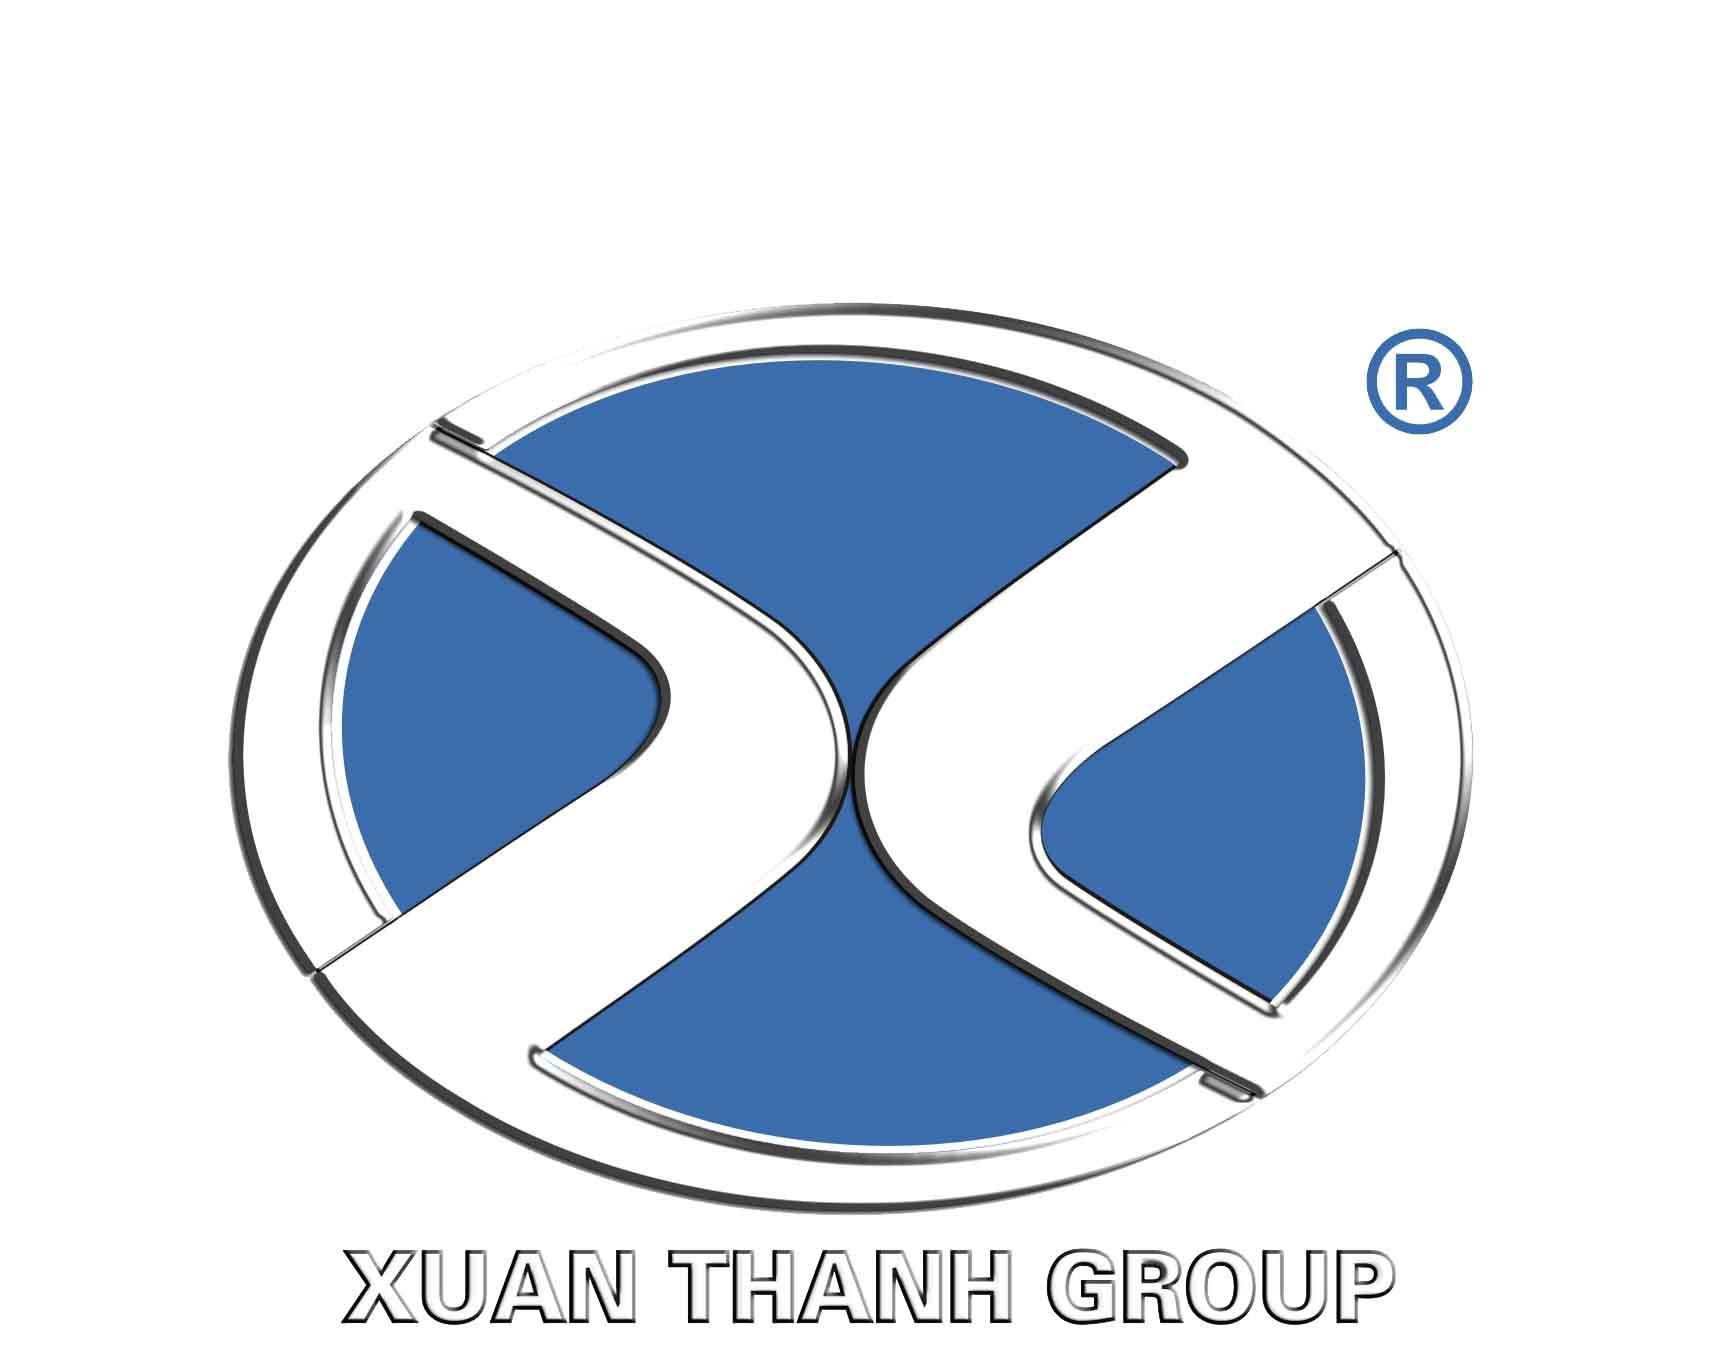 Logo Tổng công ty Cổ phần Bảo hiểm Xuân Thành